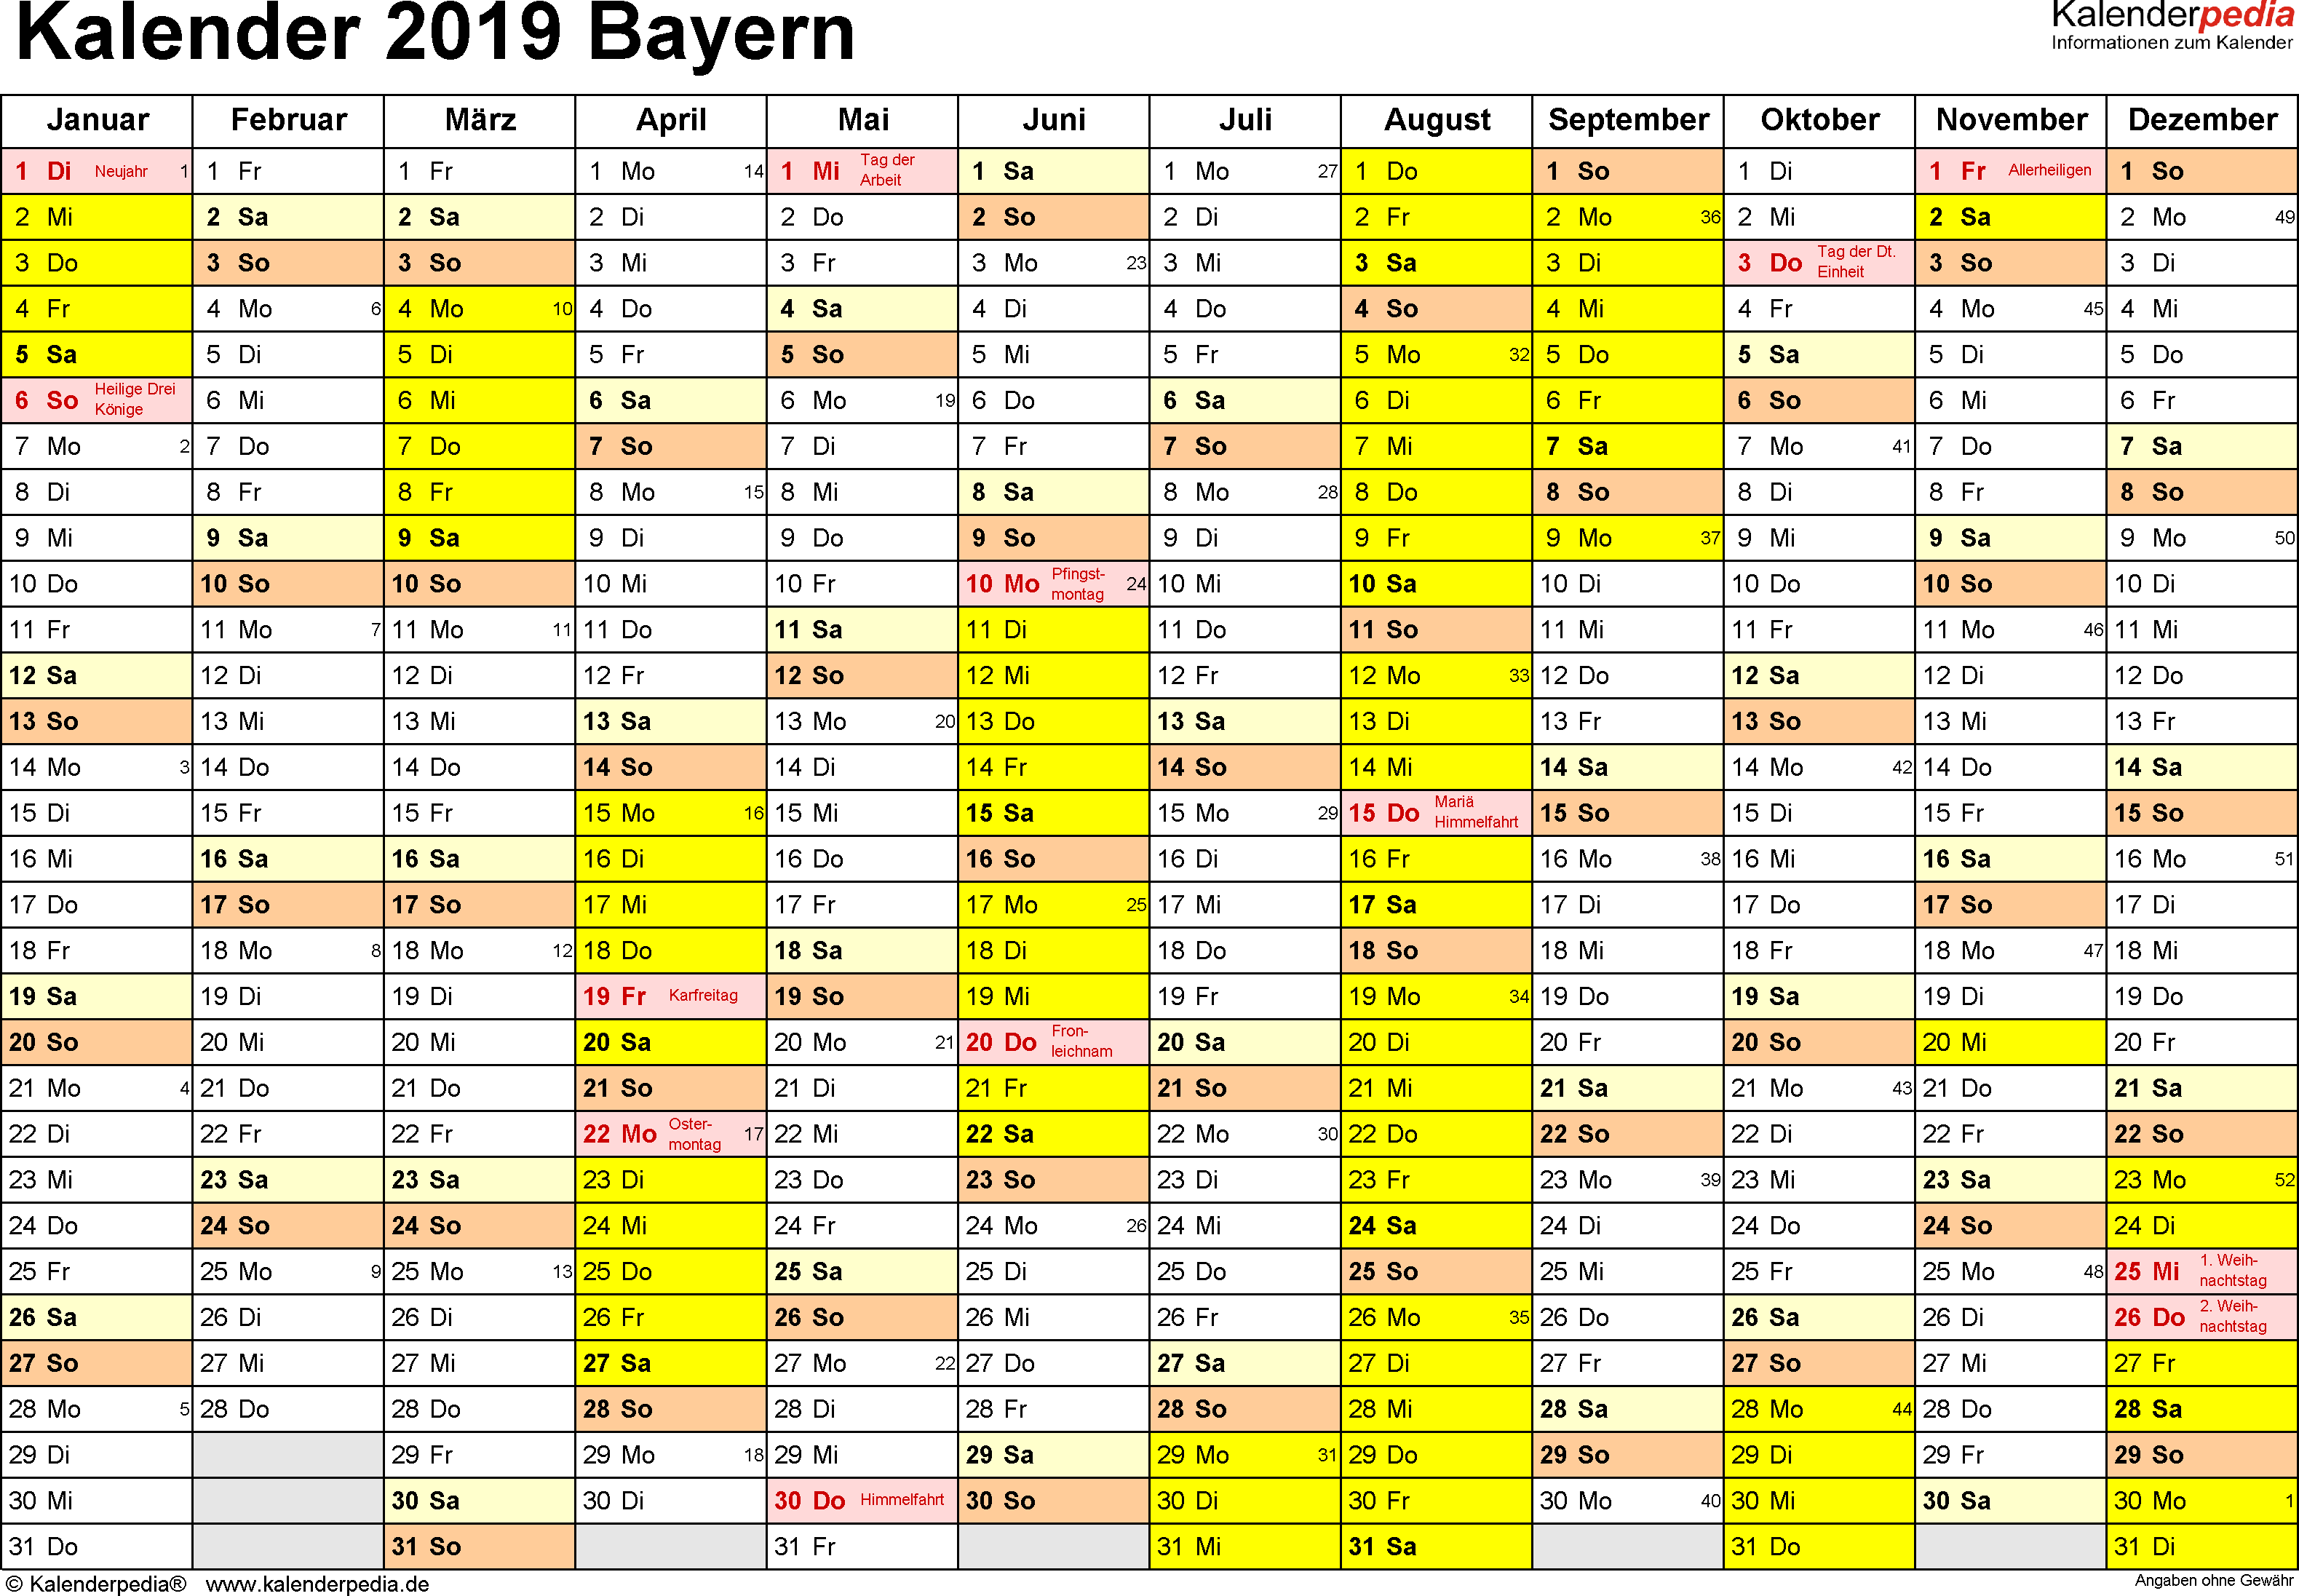 Vorlage 1: Kalender 2019 für Bayern als PDF-Vorlagen (Querformat, 1 Seite)